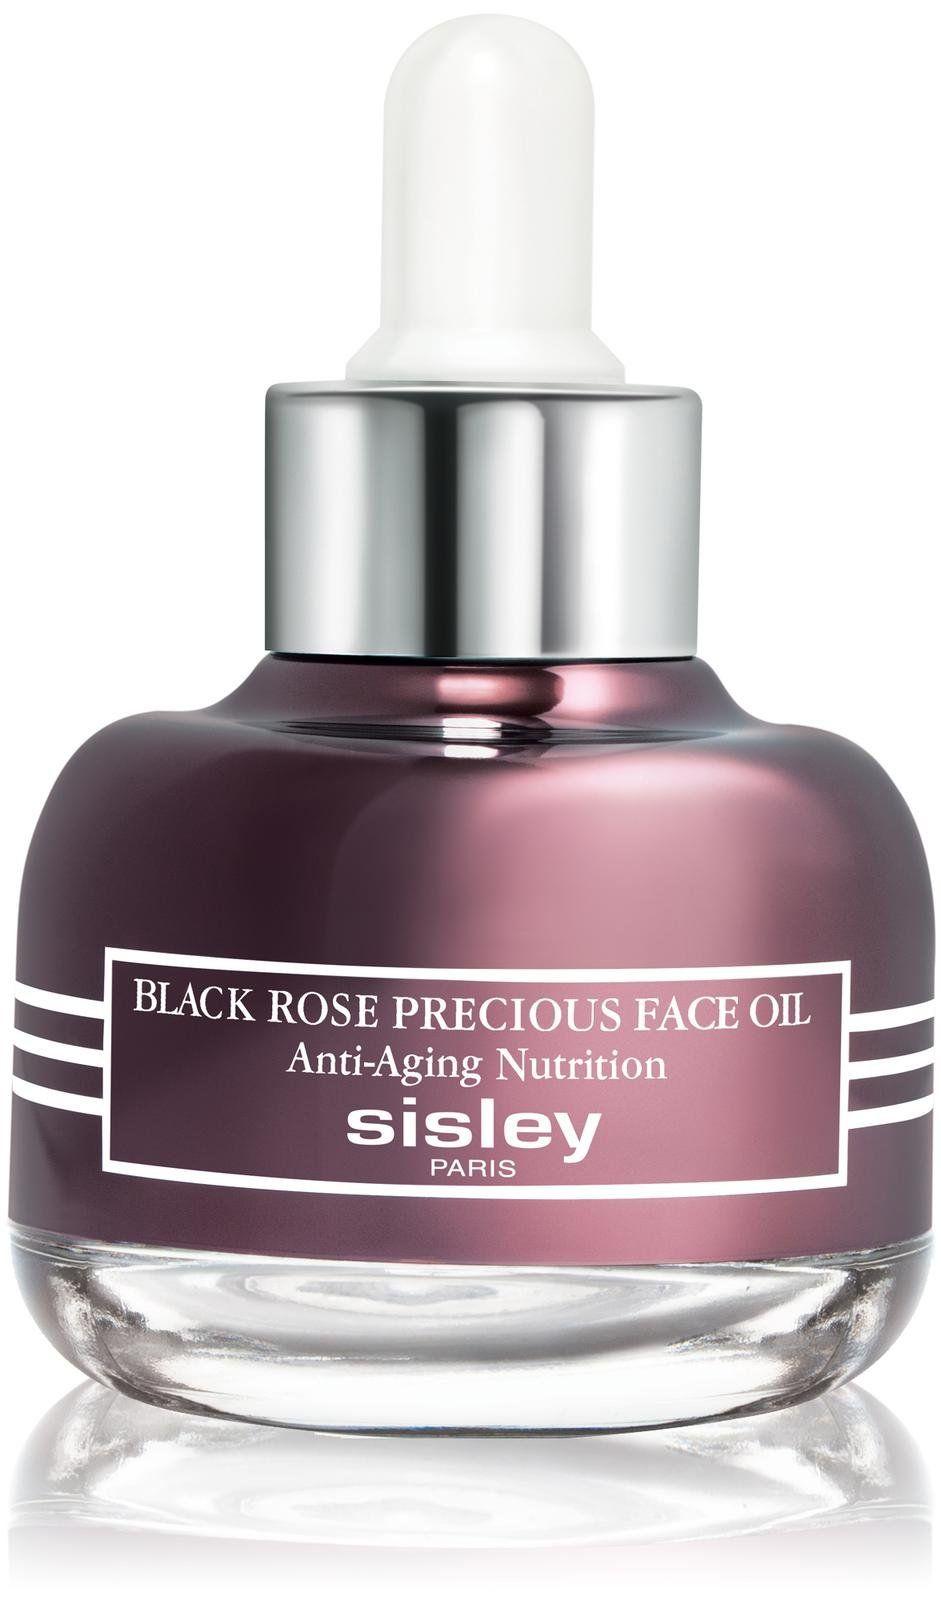 Sisley Paris Black Rose Oil Face Oil Sisley Black Rose Anti Aging Oils